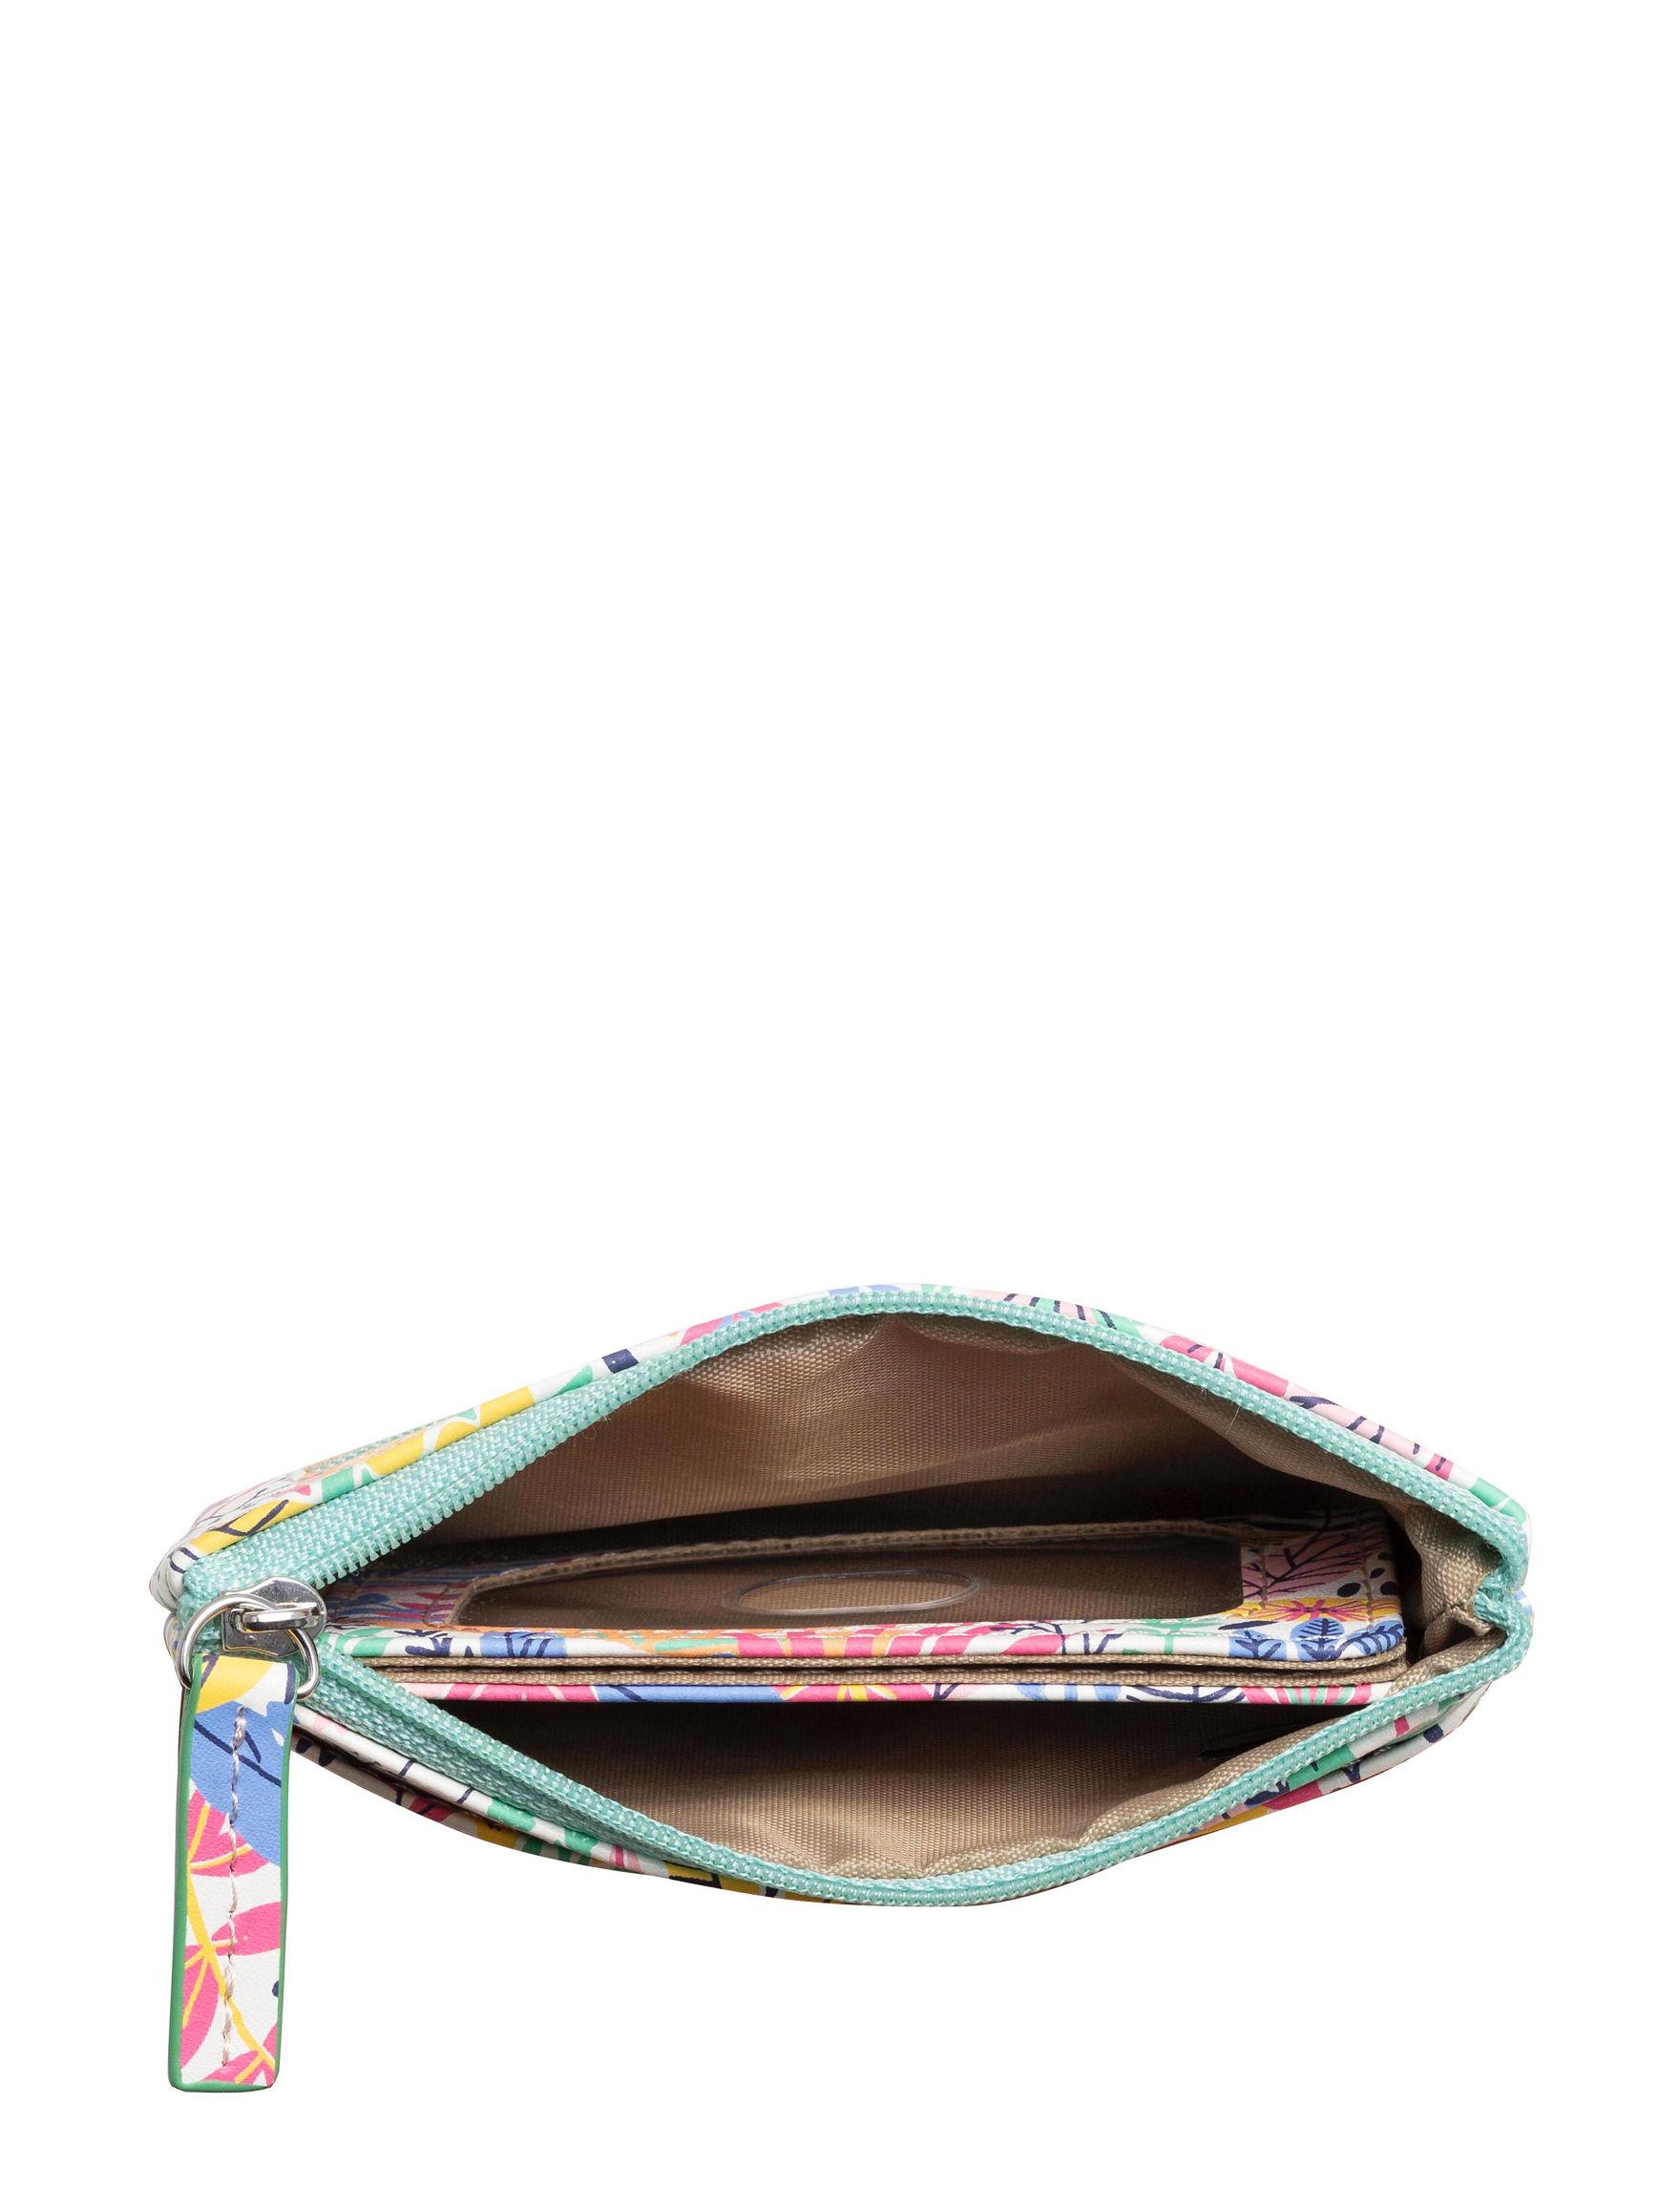 Madison Spencer Pink Floral Wallet